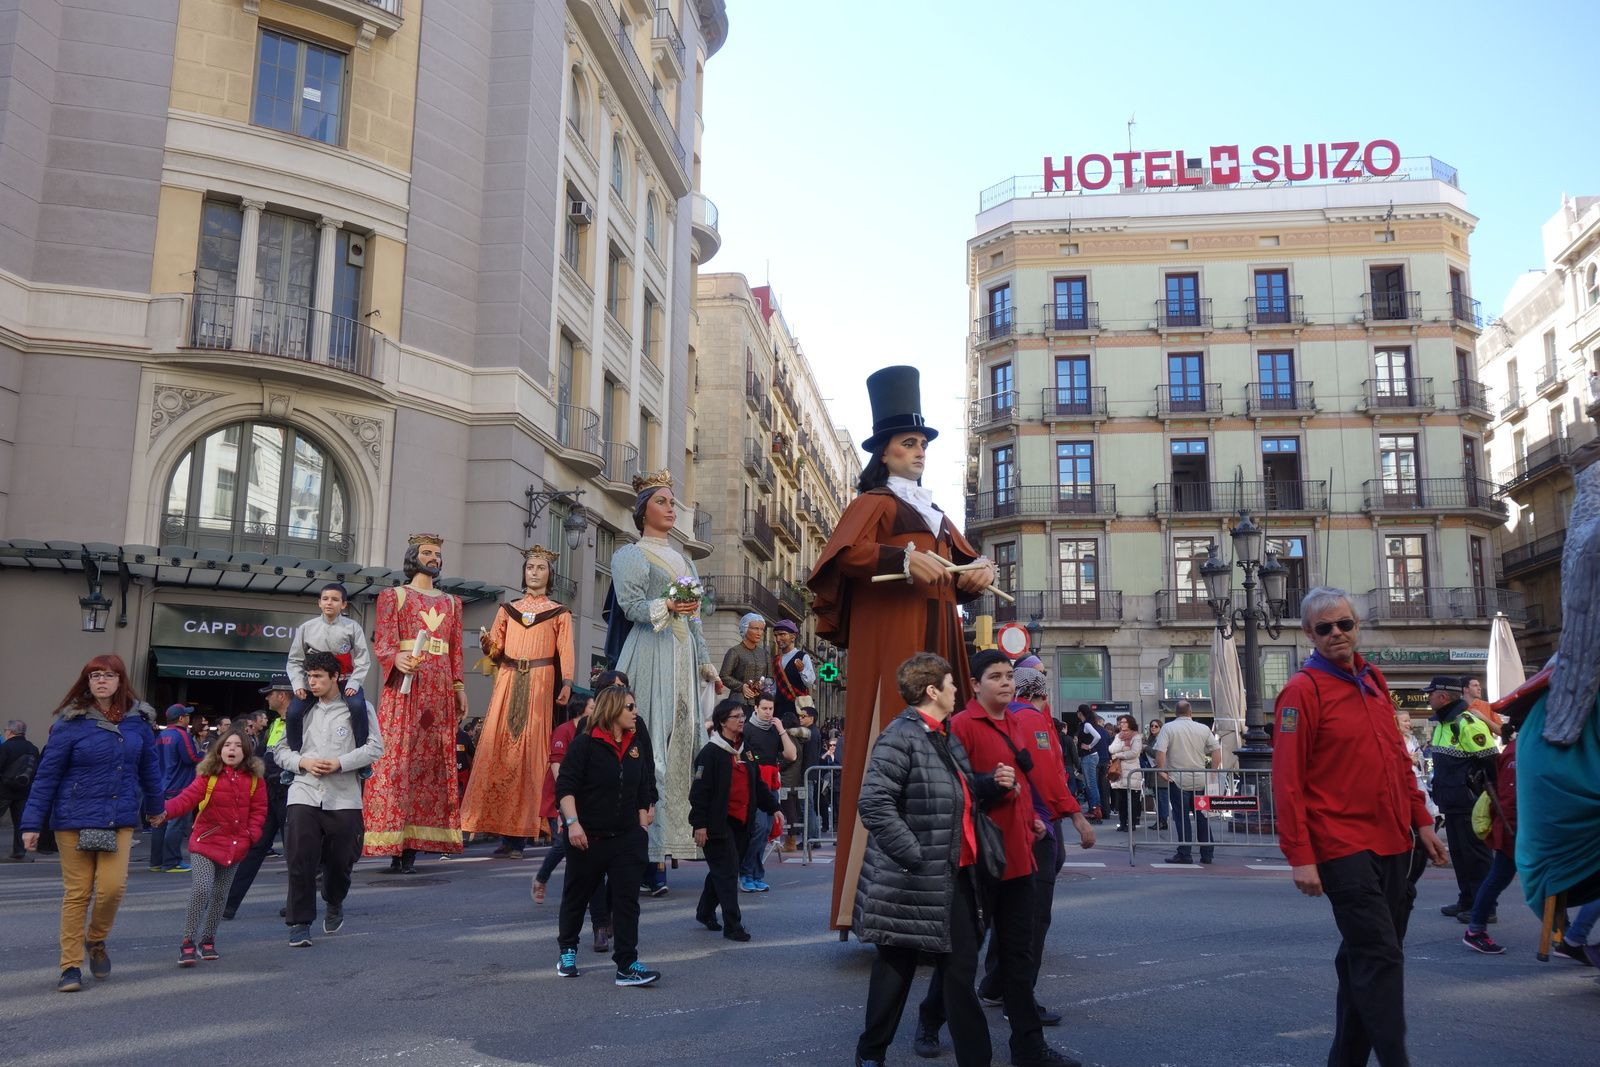 J2 Festes de Santa Eulàlia, Barcelona